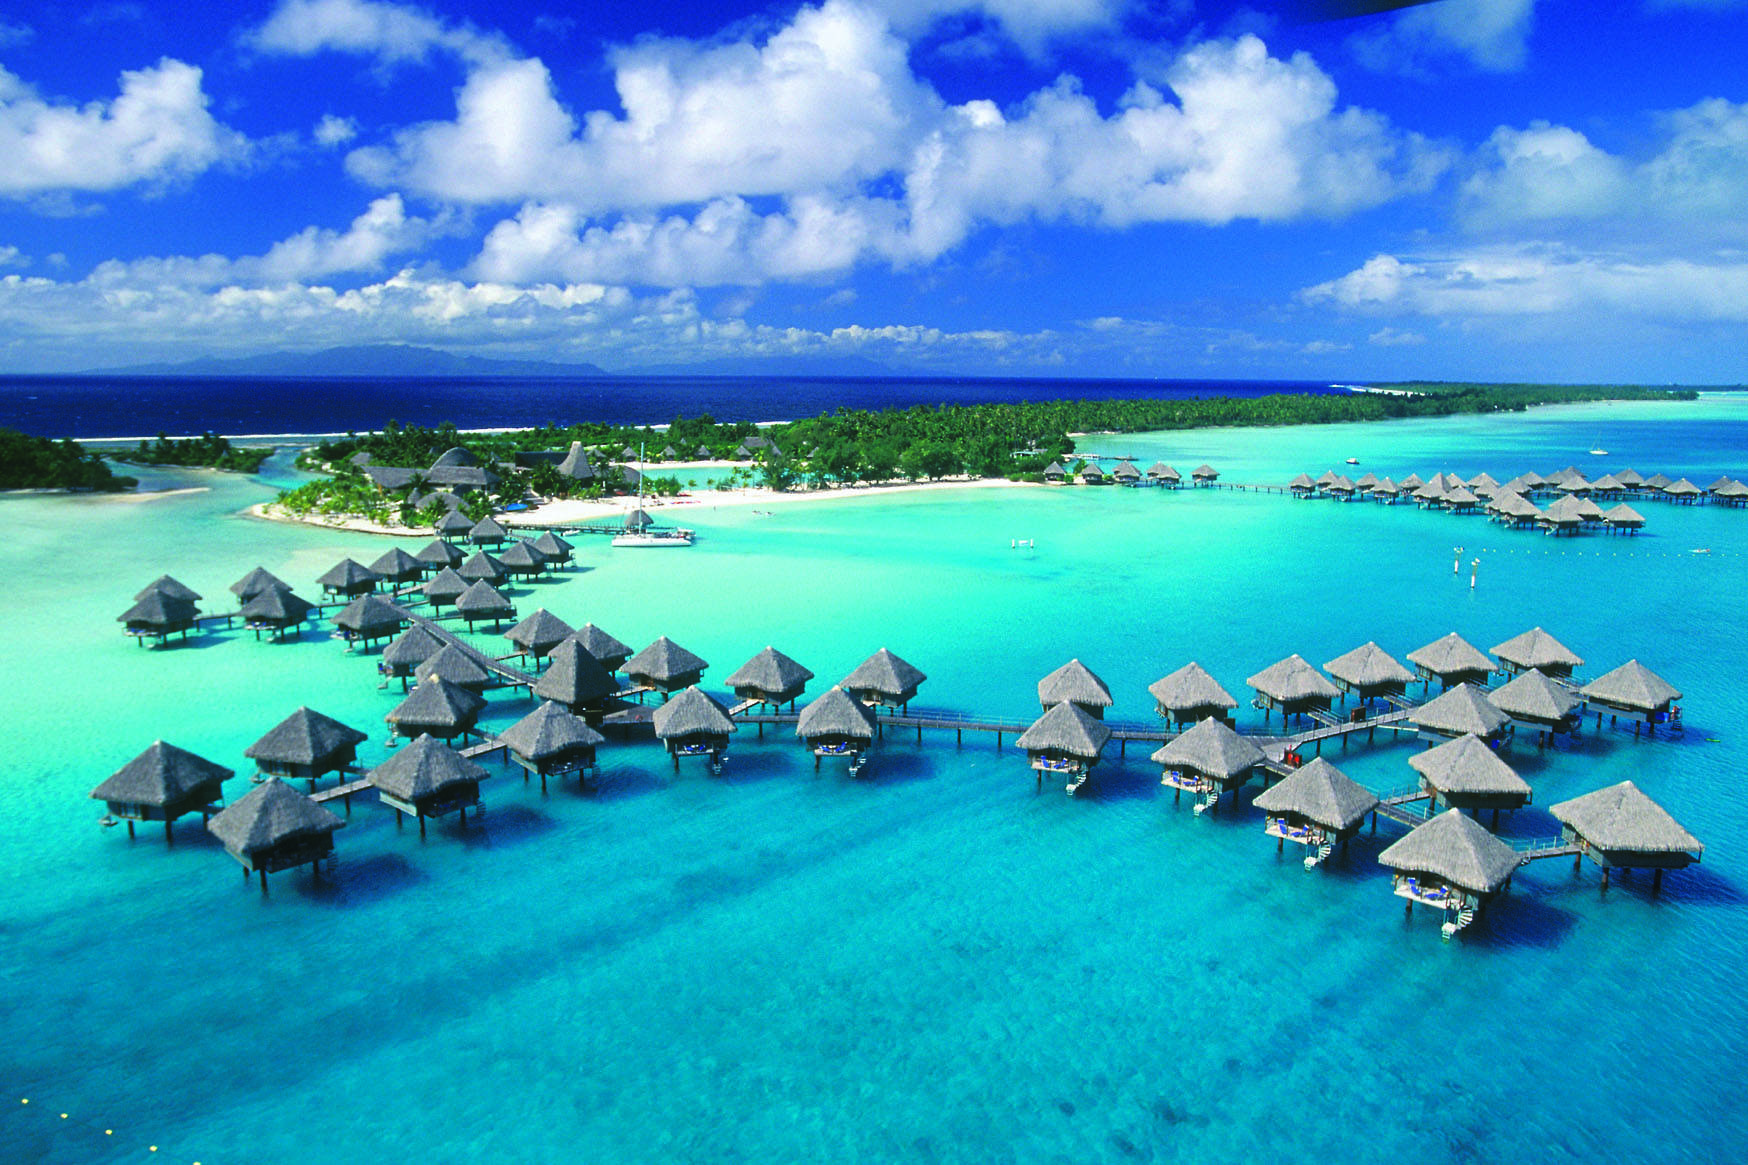 Insula Bora Bora